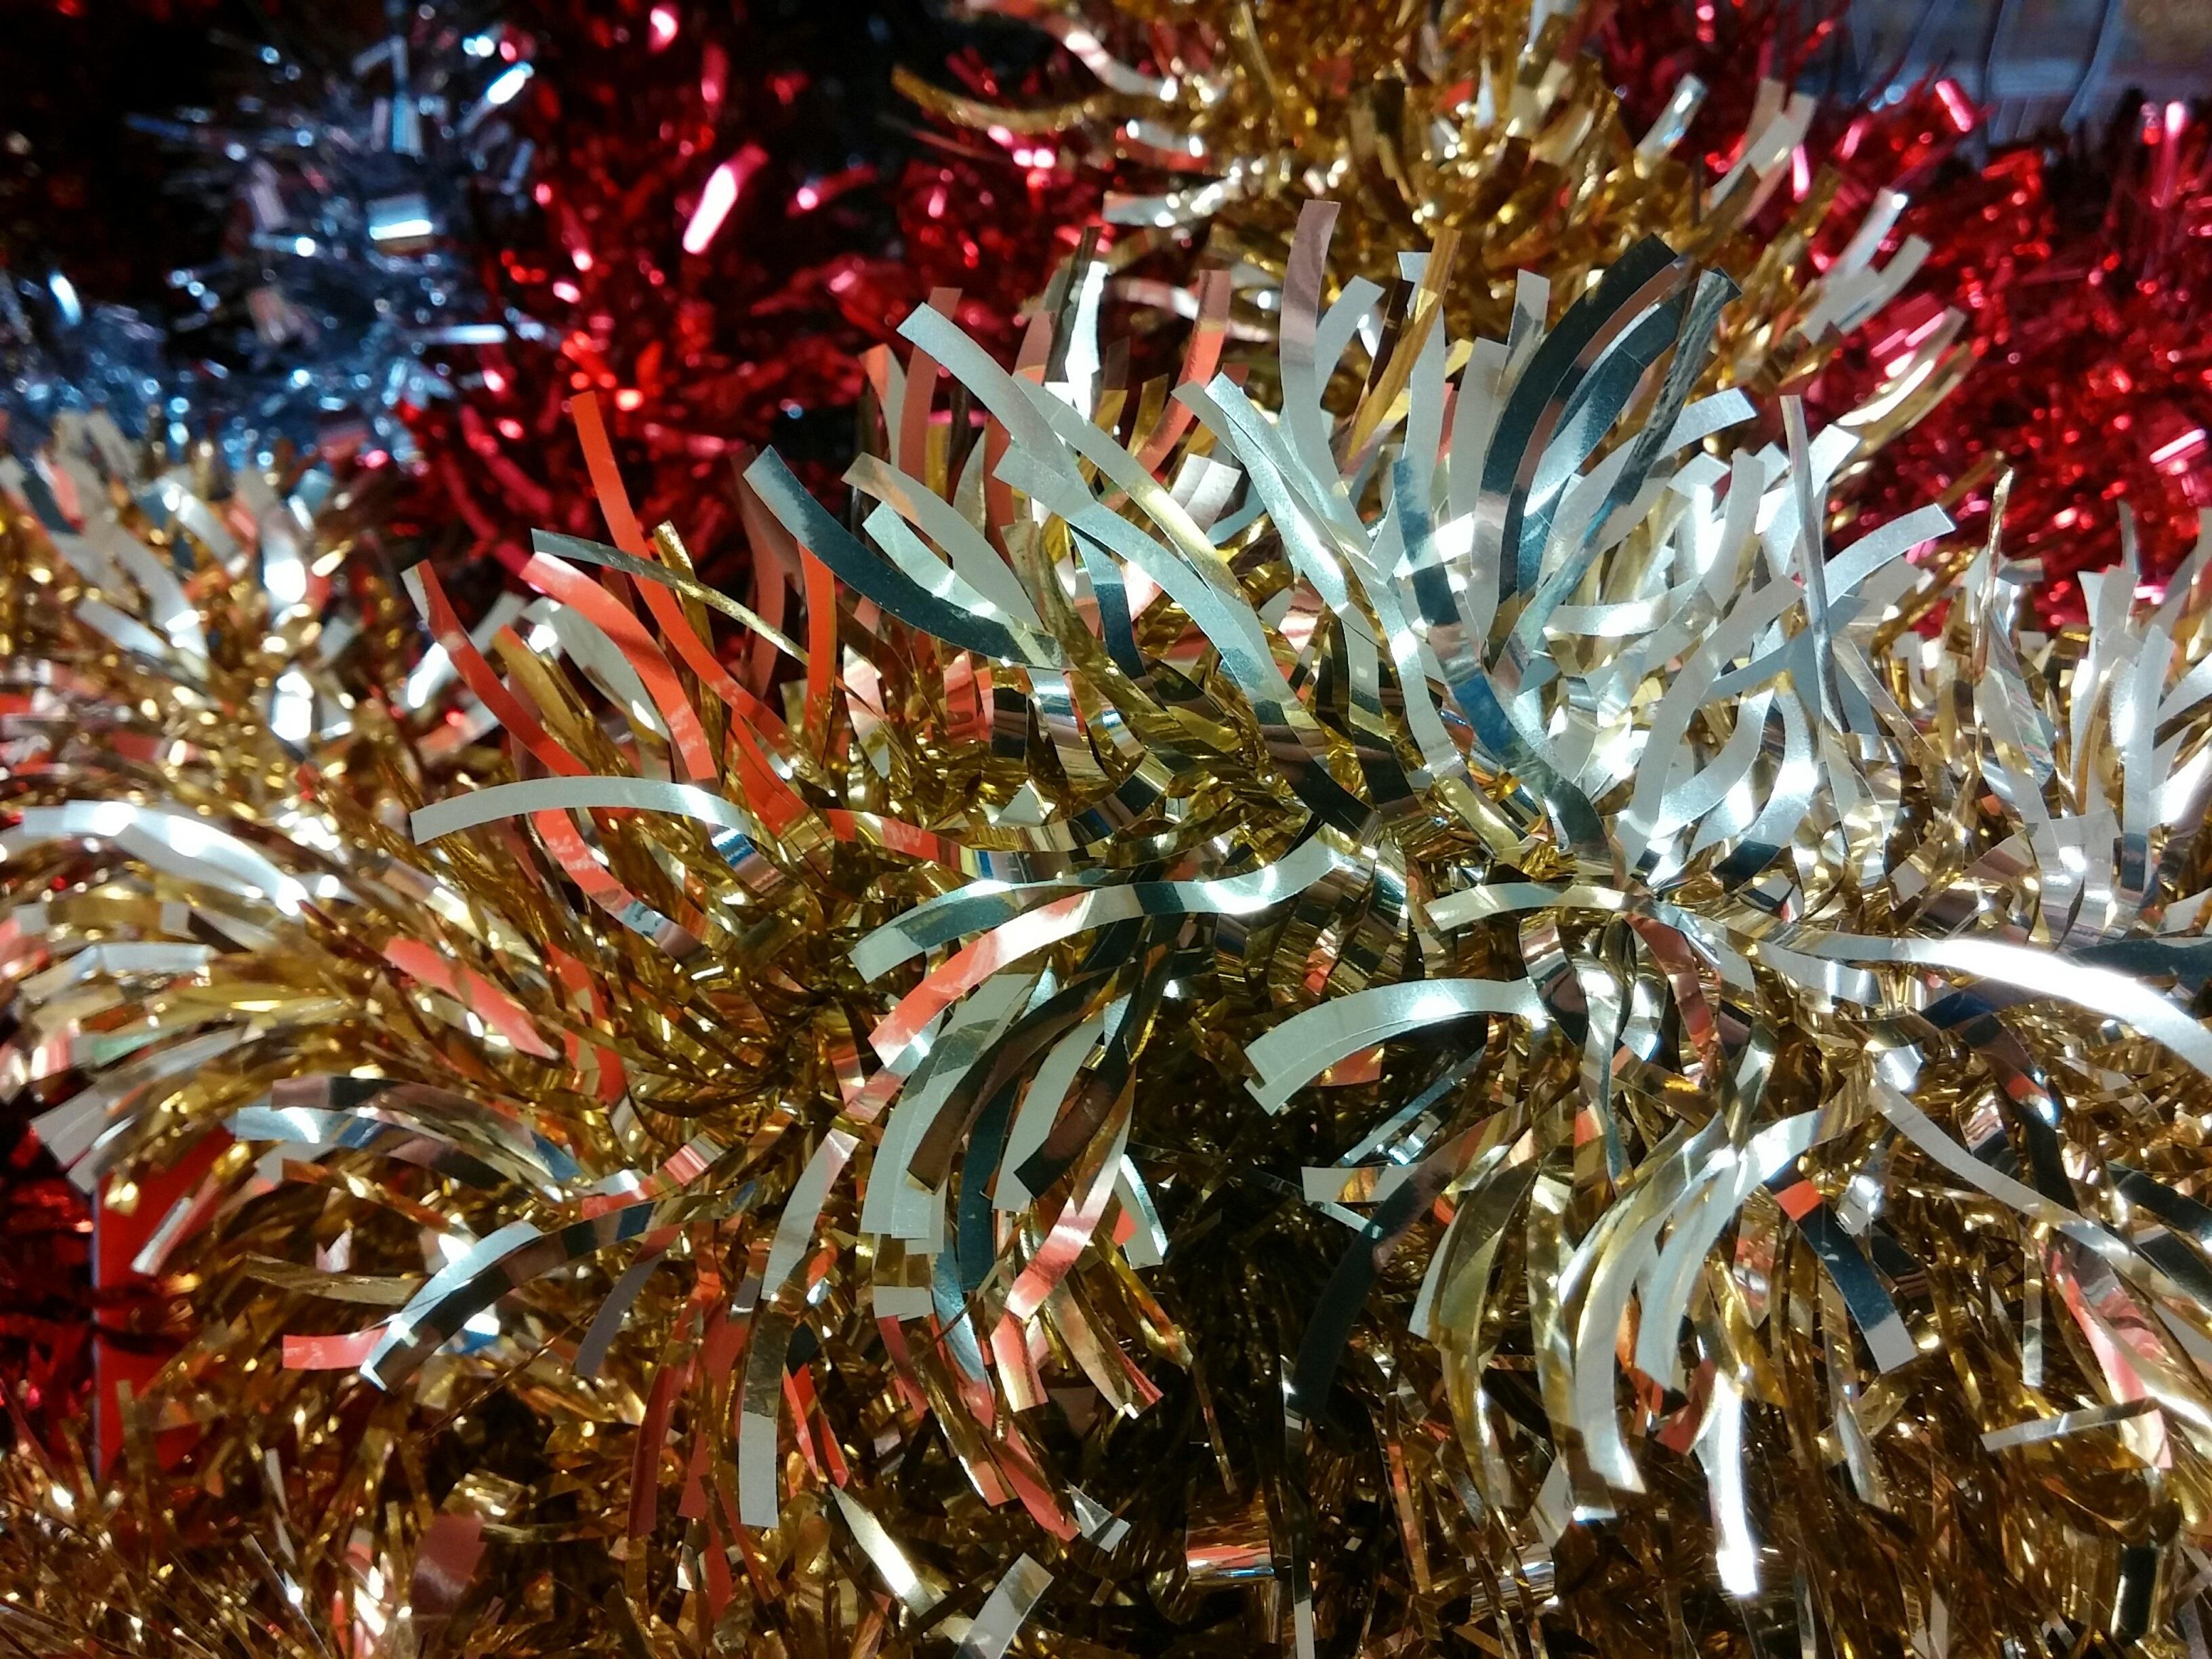 kostenlose foto baum ast weihnachten weihnachtsbaum festlich weihnachtsdekoration silber. Black Bedroom Furniture Sets. Home Design Ideas